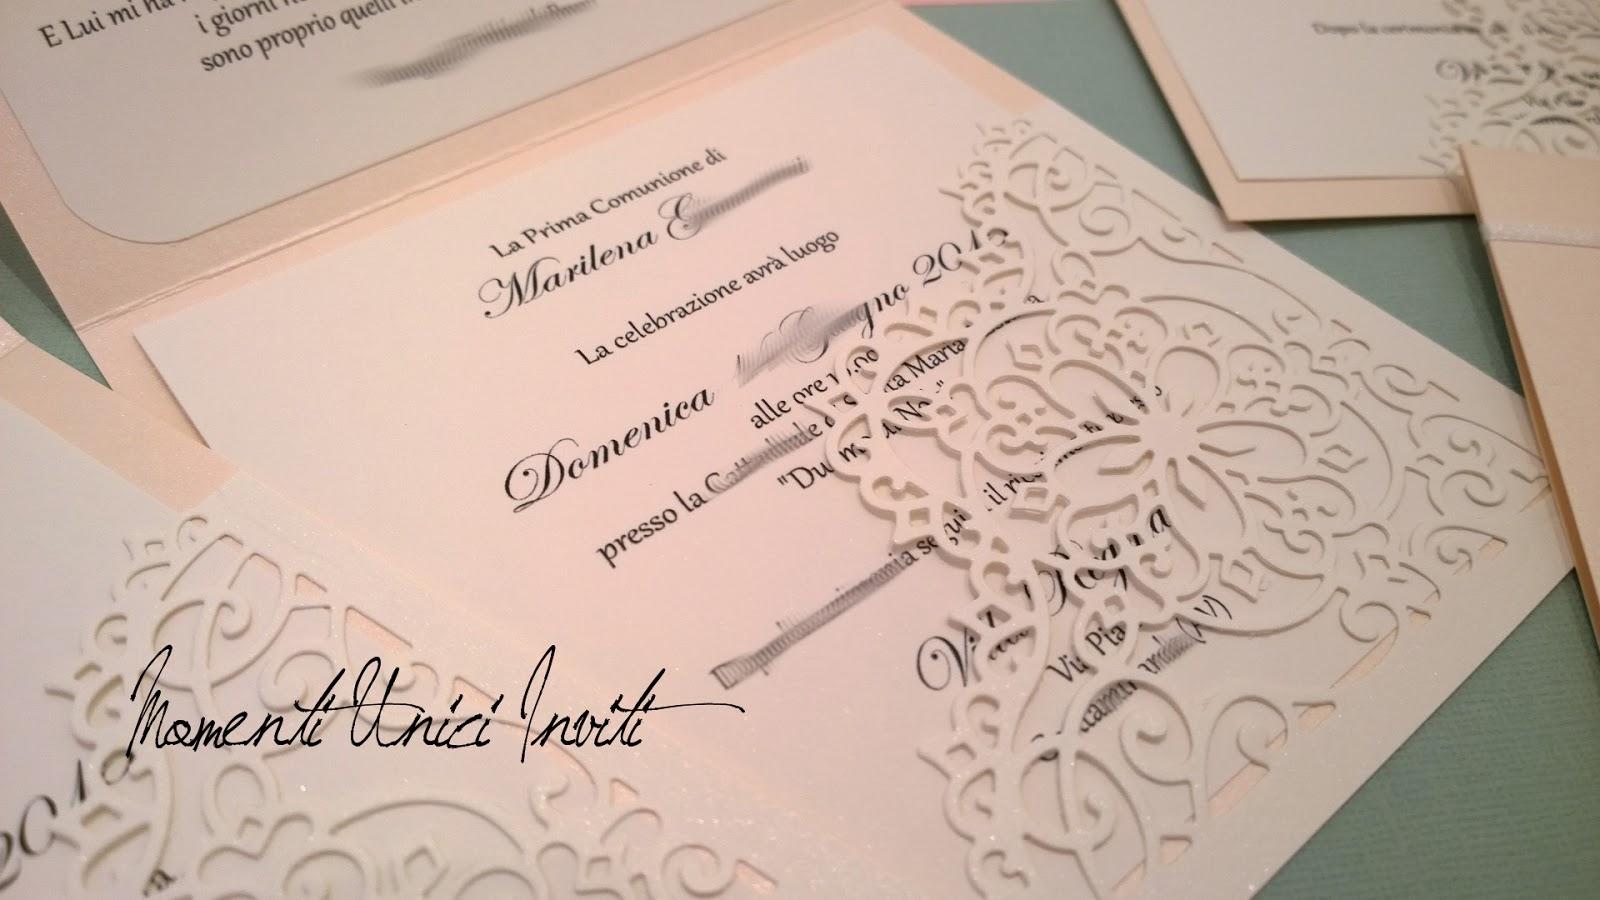 4 Gli inviti per la Prima Comunione di MarilenaBiglietti d'invito - Prima Comunione Partecipazioni shabby chic - country - vintage Stile Shabby Chic